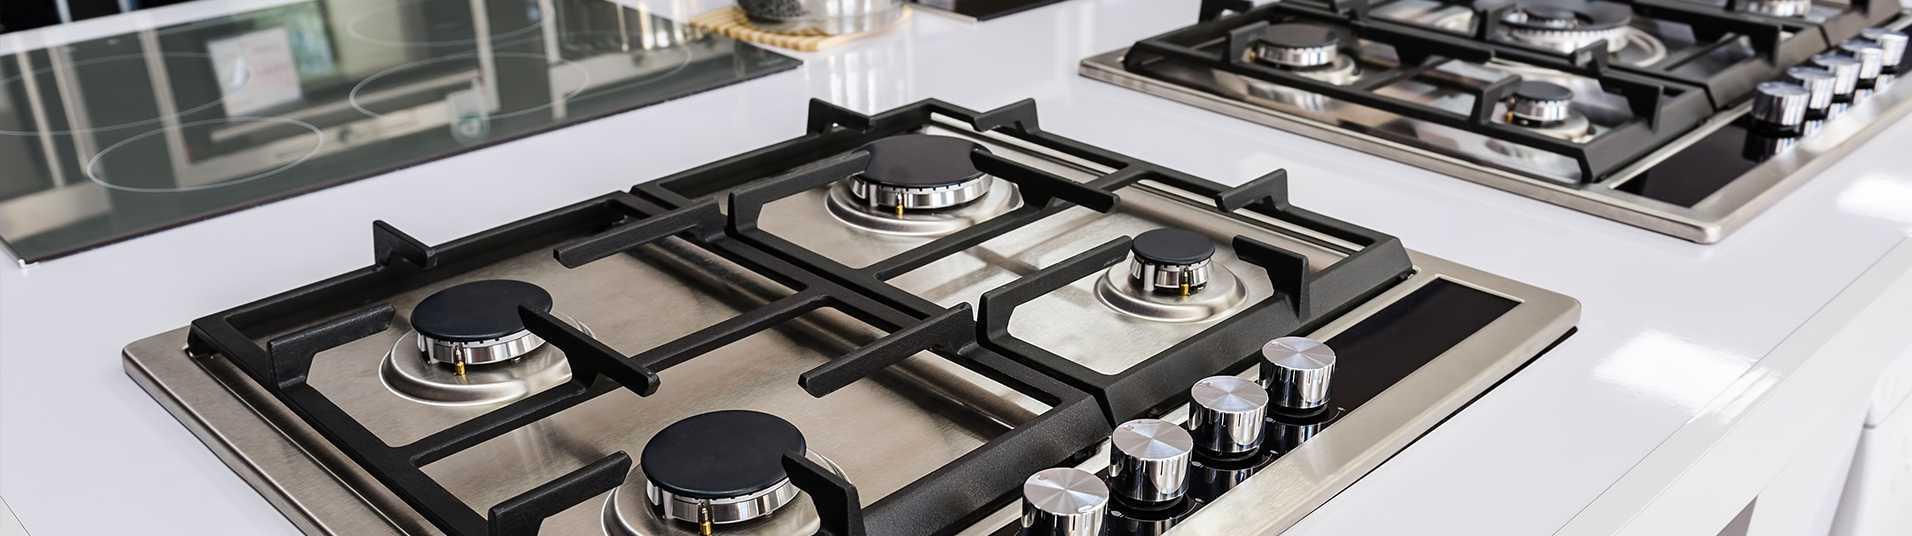 Graessle's Appliance Sales & Service image 4